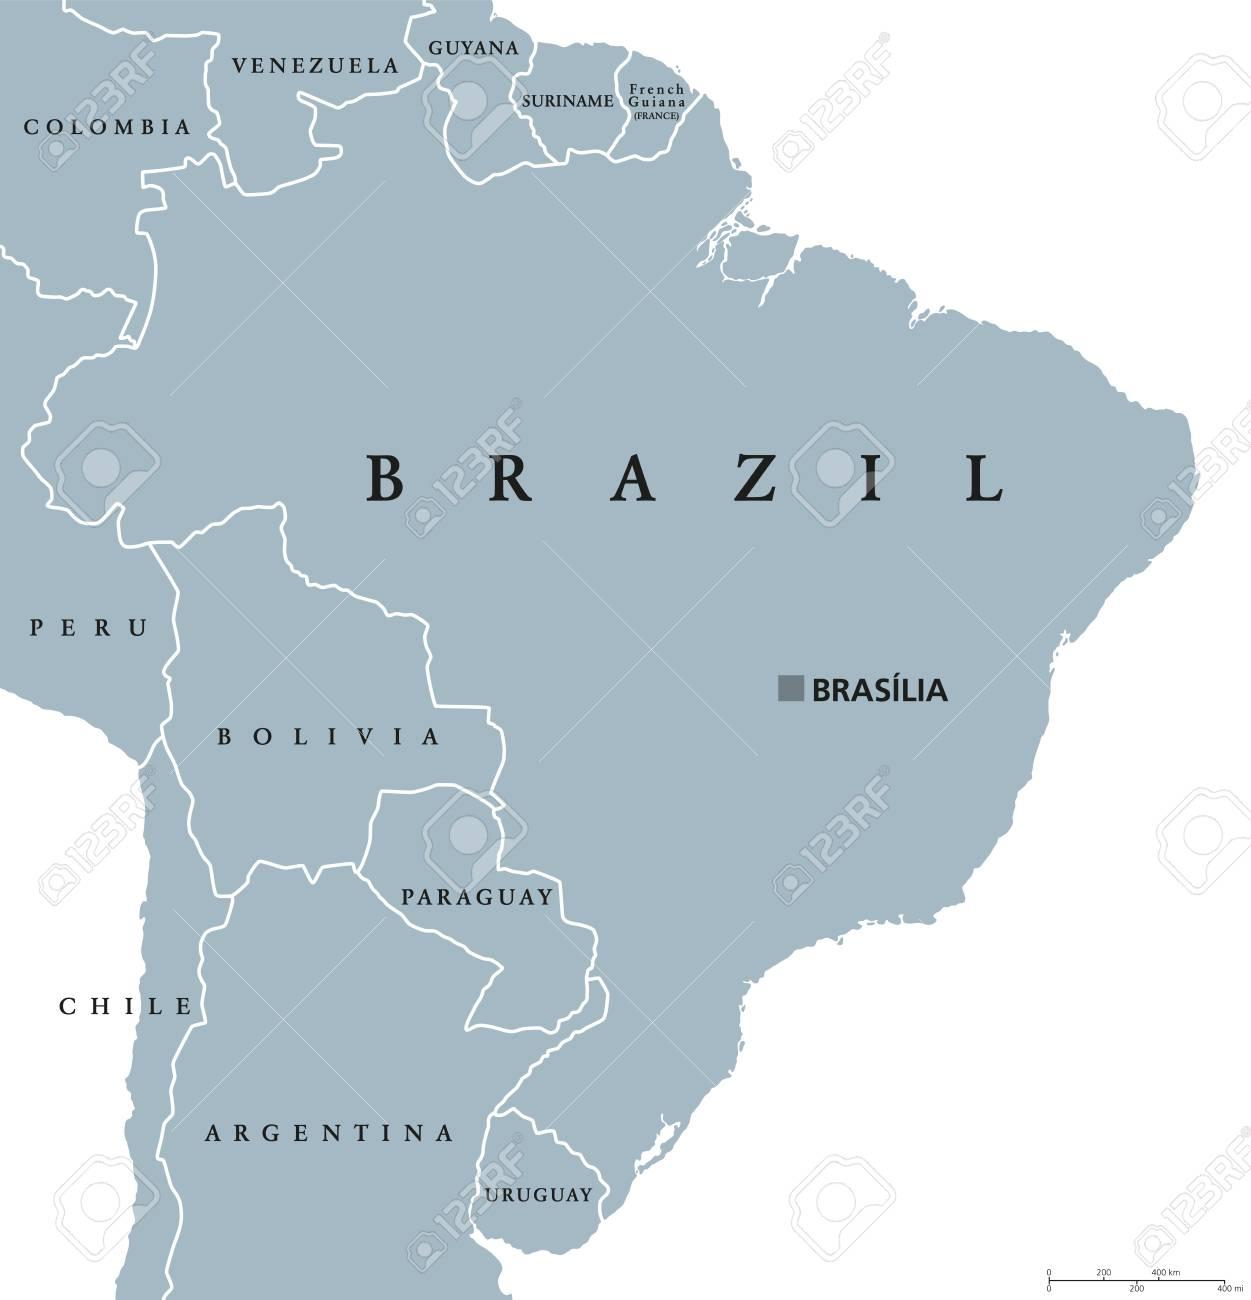 Carte Amerique Du Sud Avec Capitale.Carte Politique Du Bresil Avec La Capitale Brasilia Les Frontieres Nationales Et Les Voisins Republique Federale Et Pays D Amerique Du Sud